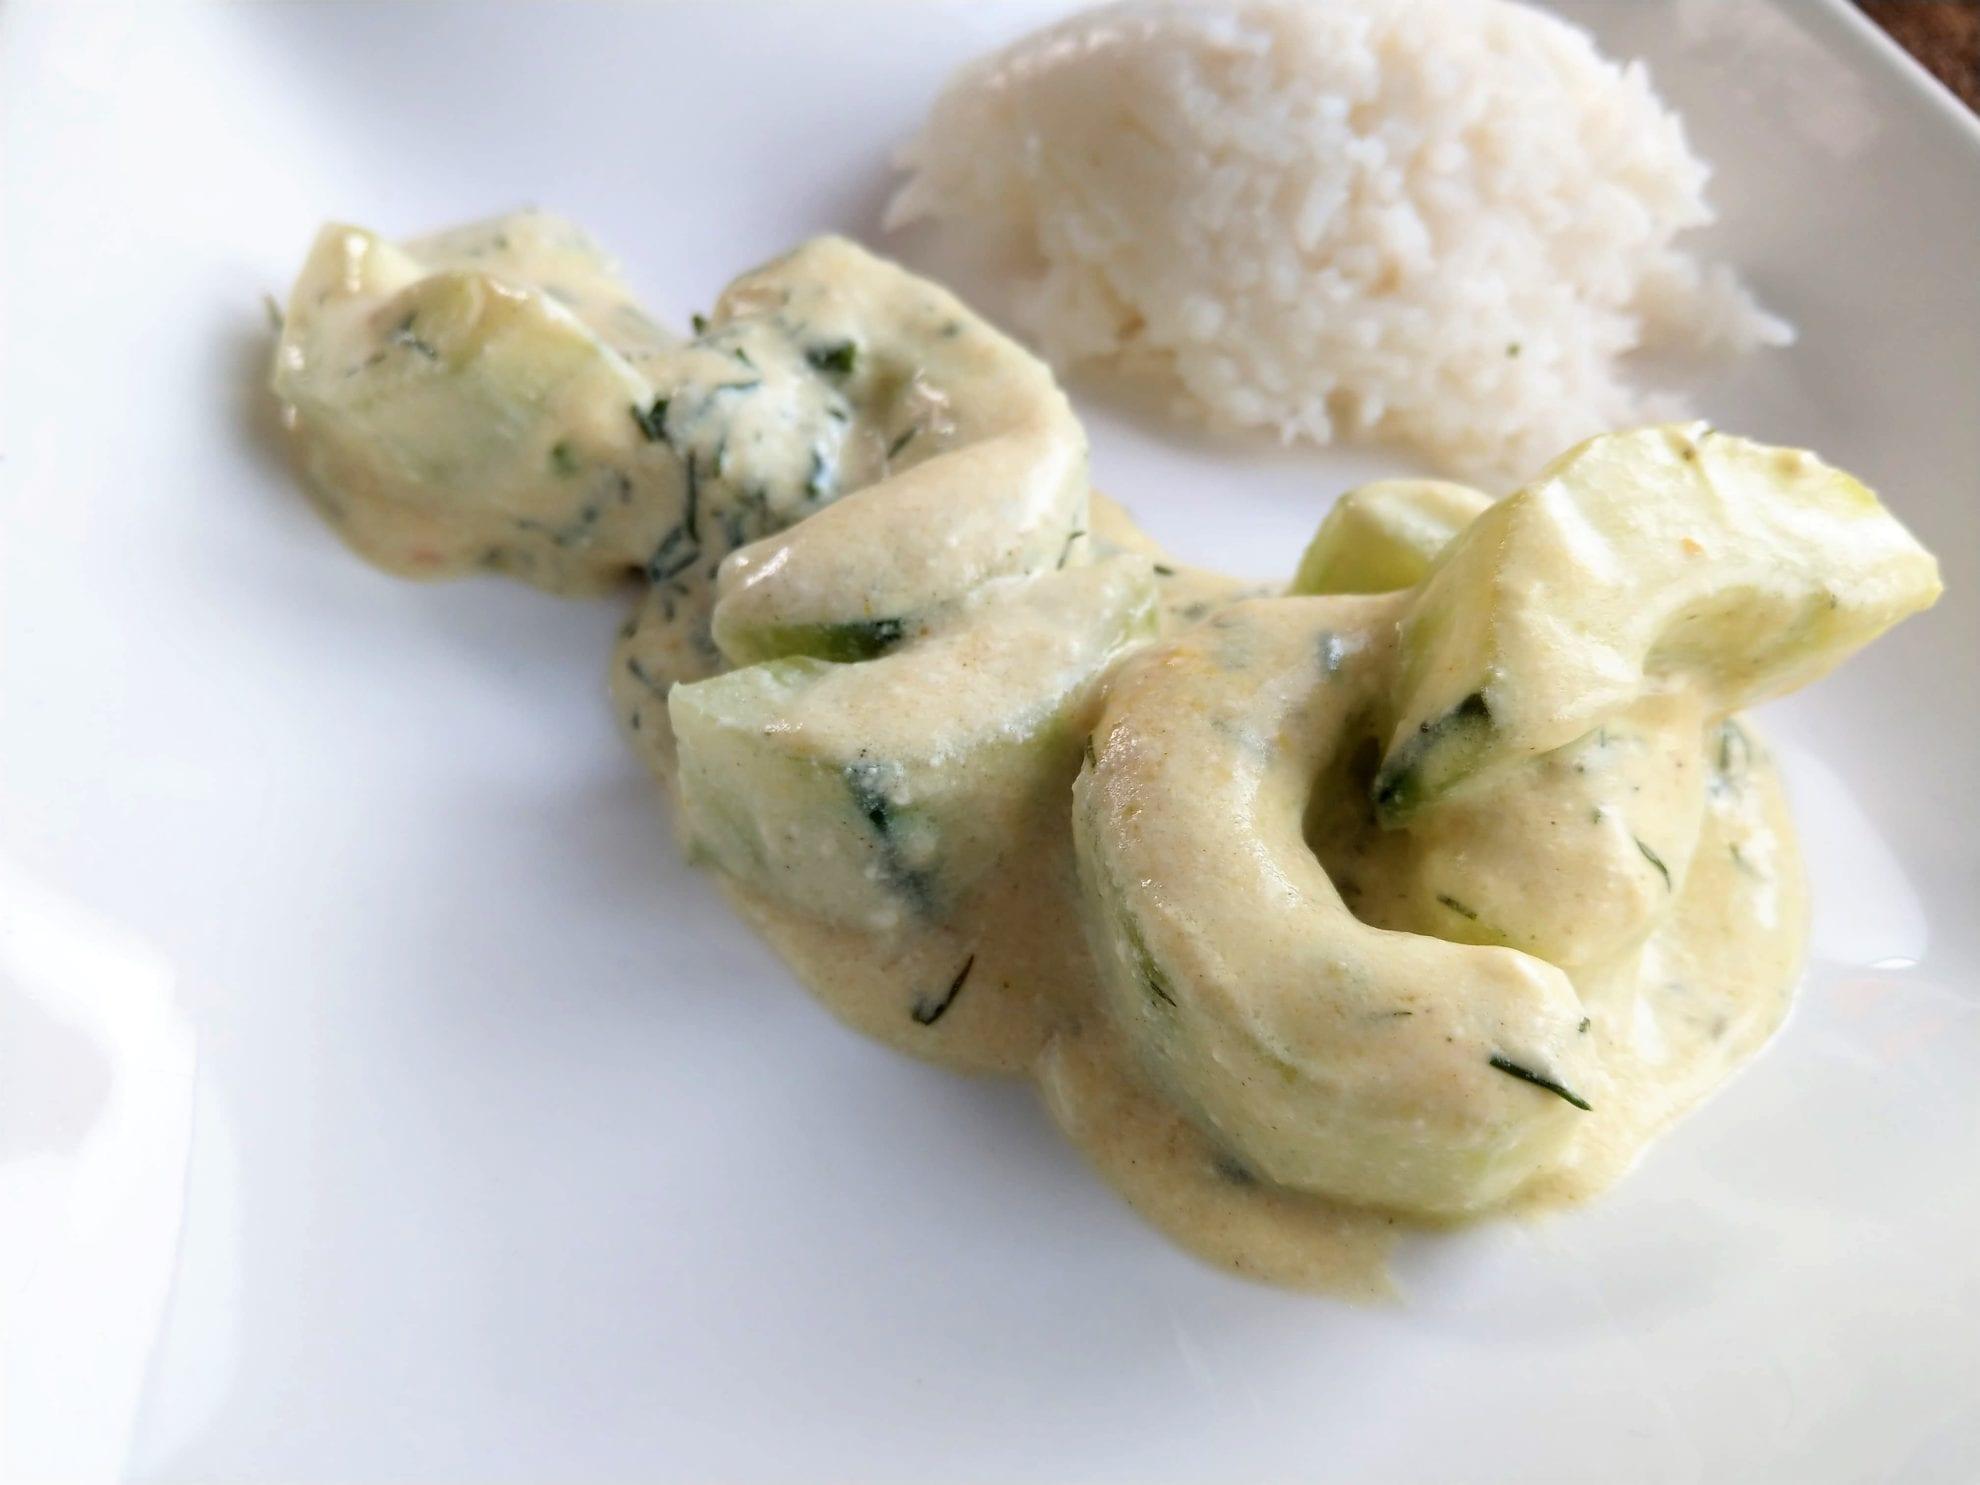 Schmorgurke ist ein tolles Rezept für den Herbst. Hier ein vegetarisches Rezept mit Dill und Sauerrahm, das schnell und einfach umzusetzen ist.